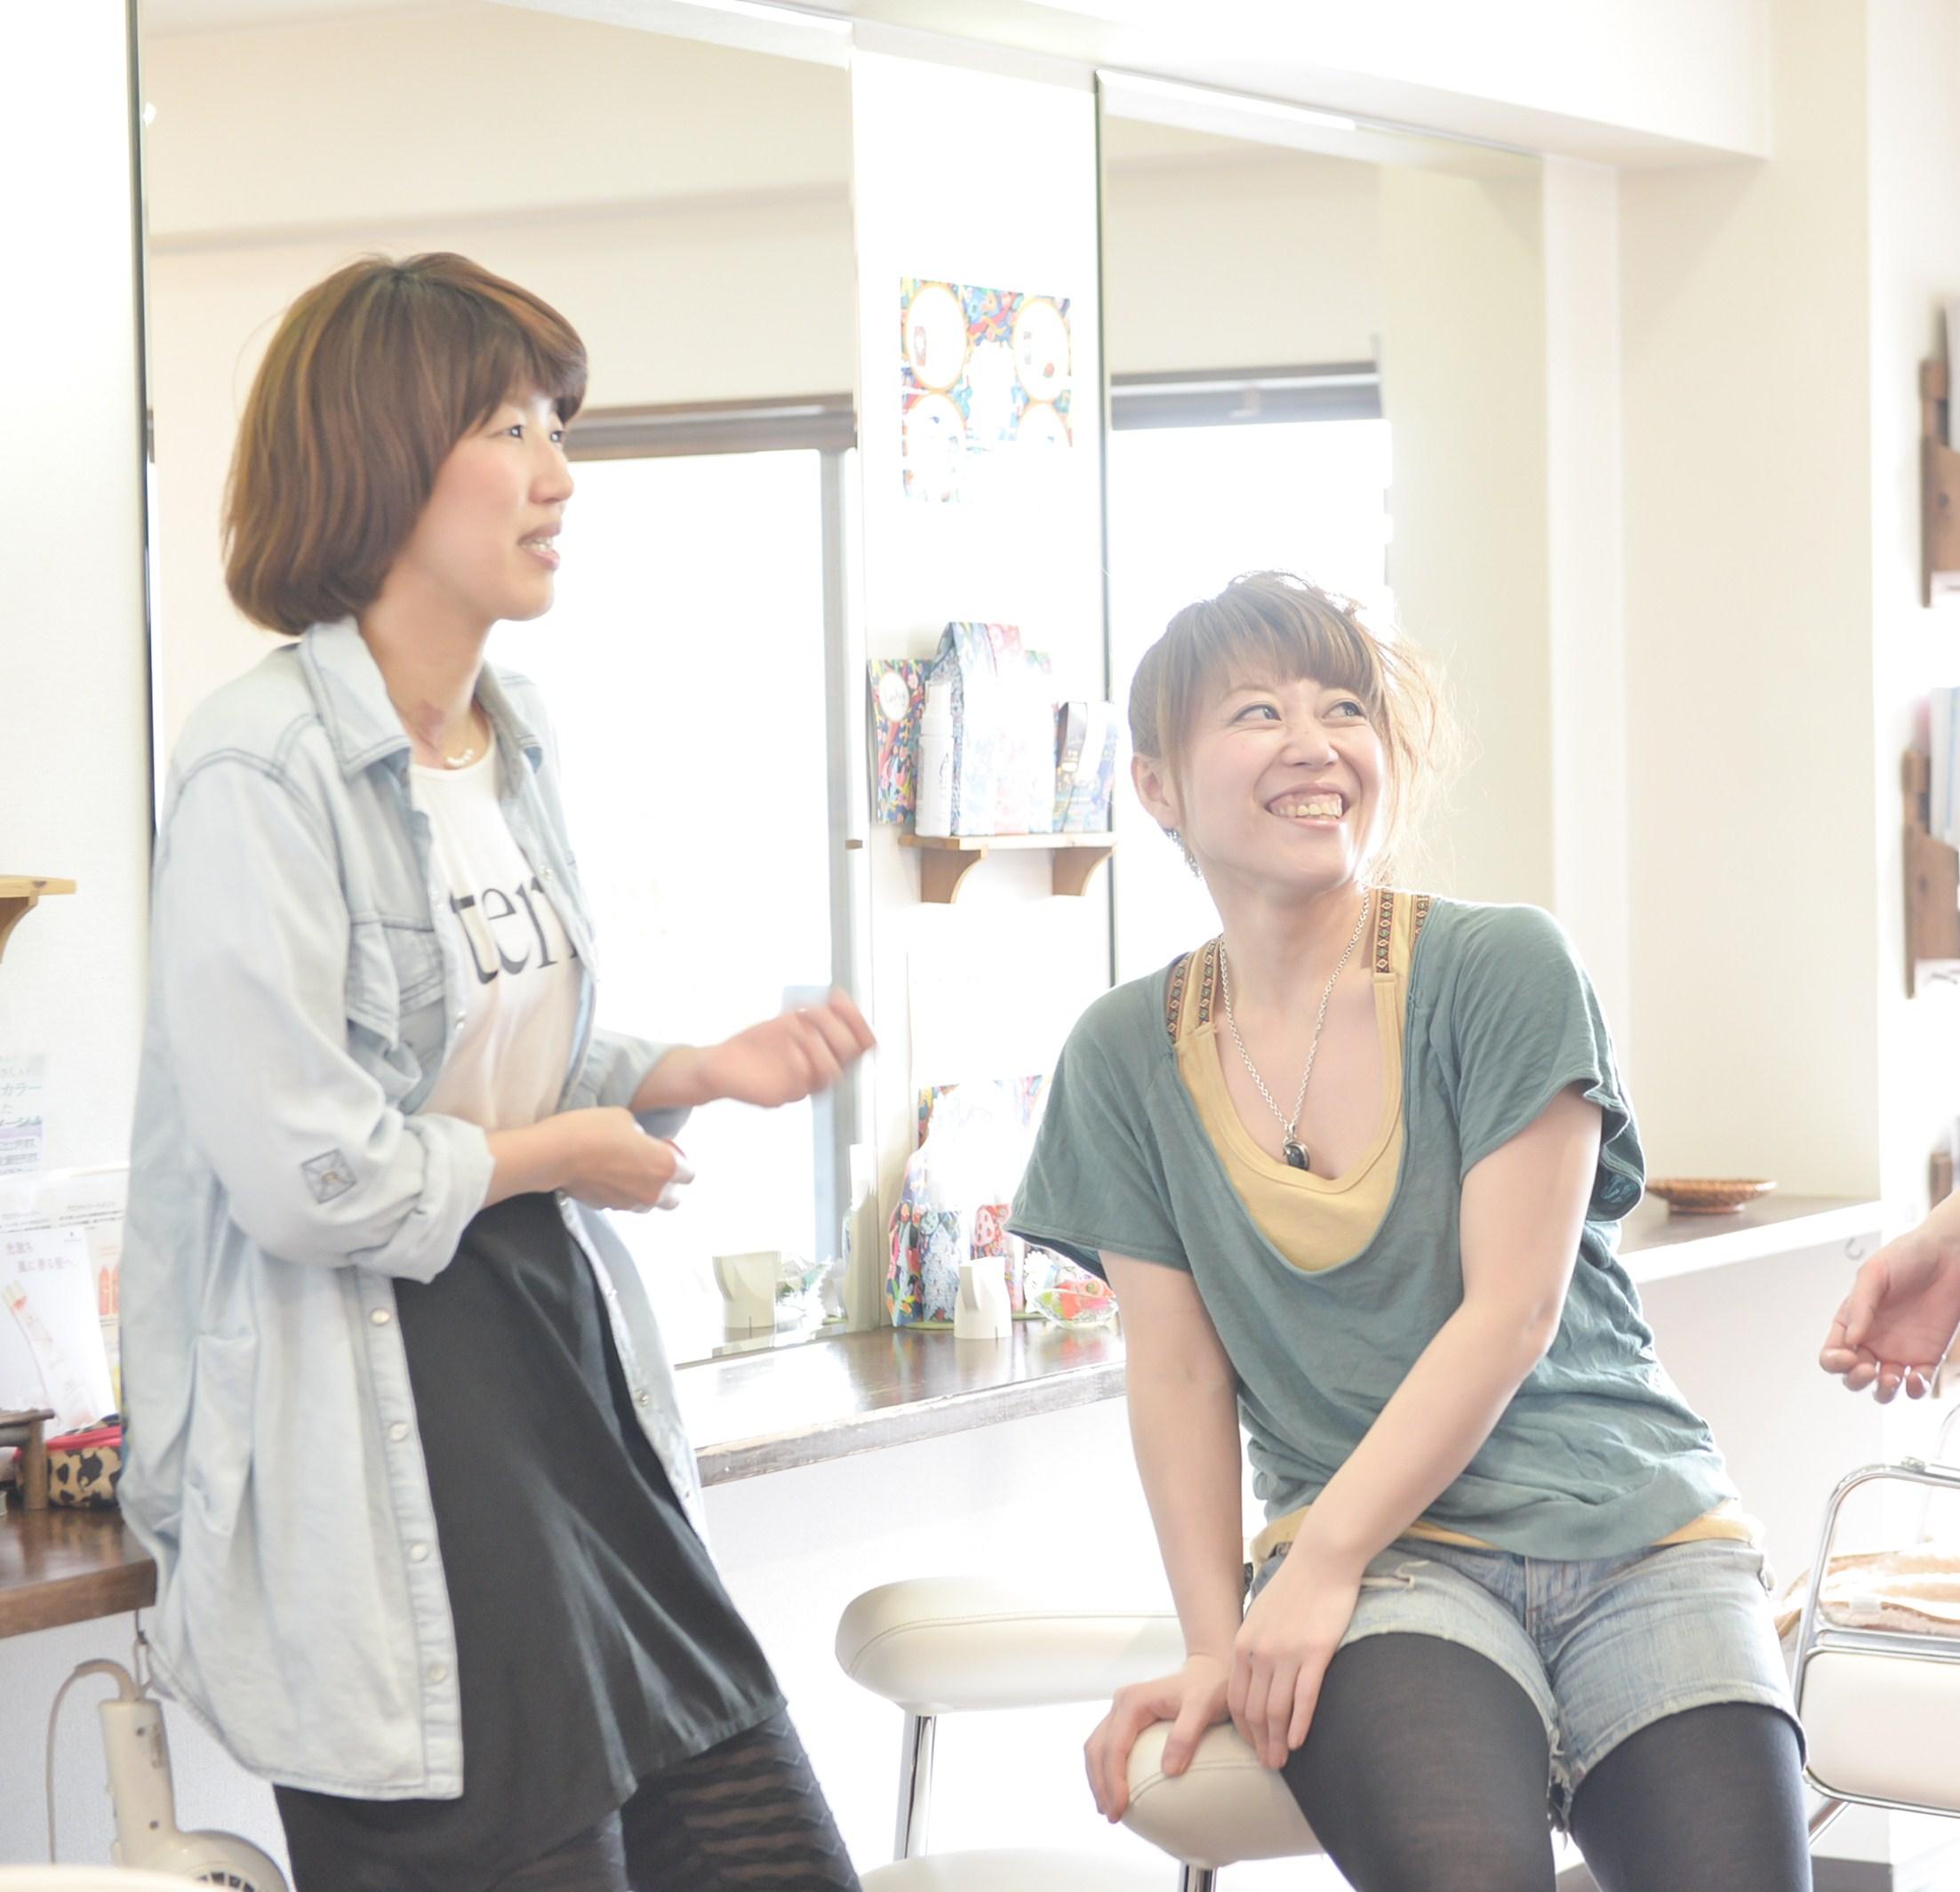 下北沢 美容室 美容院 ヘアサロン 女性スタッフ 女性スタイリストのみ オーガニック ヘッドスパ 電子トリートメント